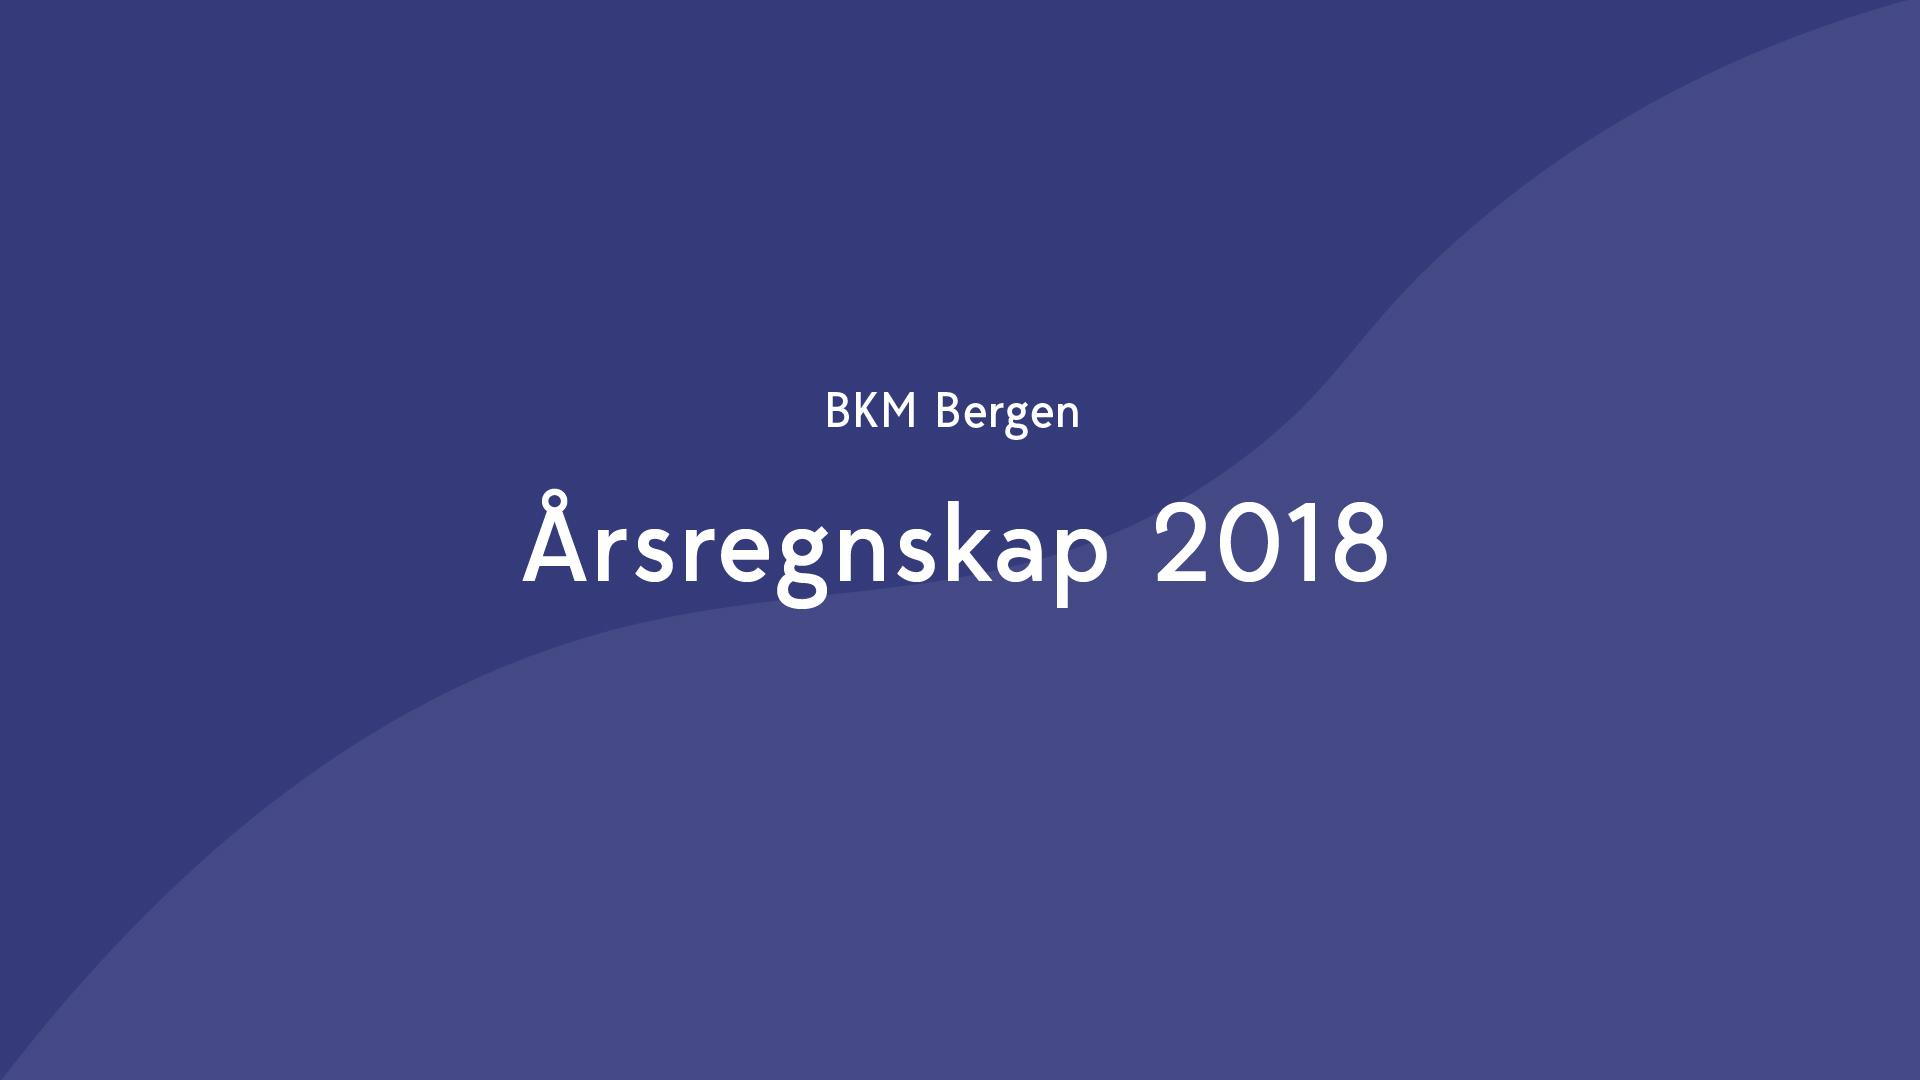 Årsregnskap 2018